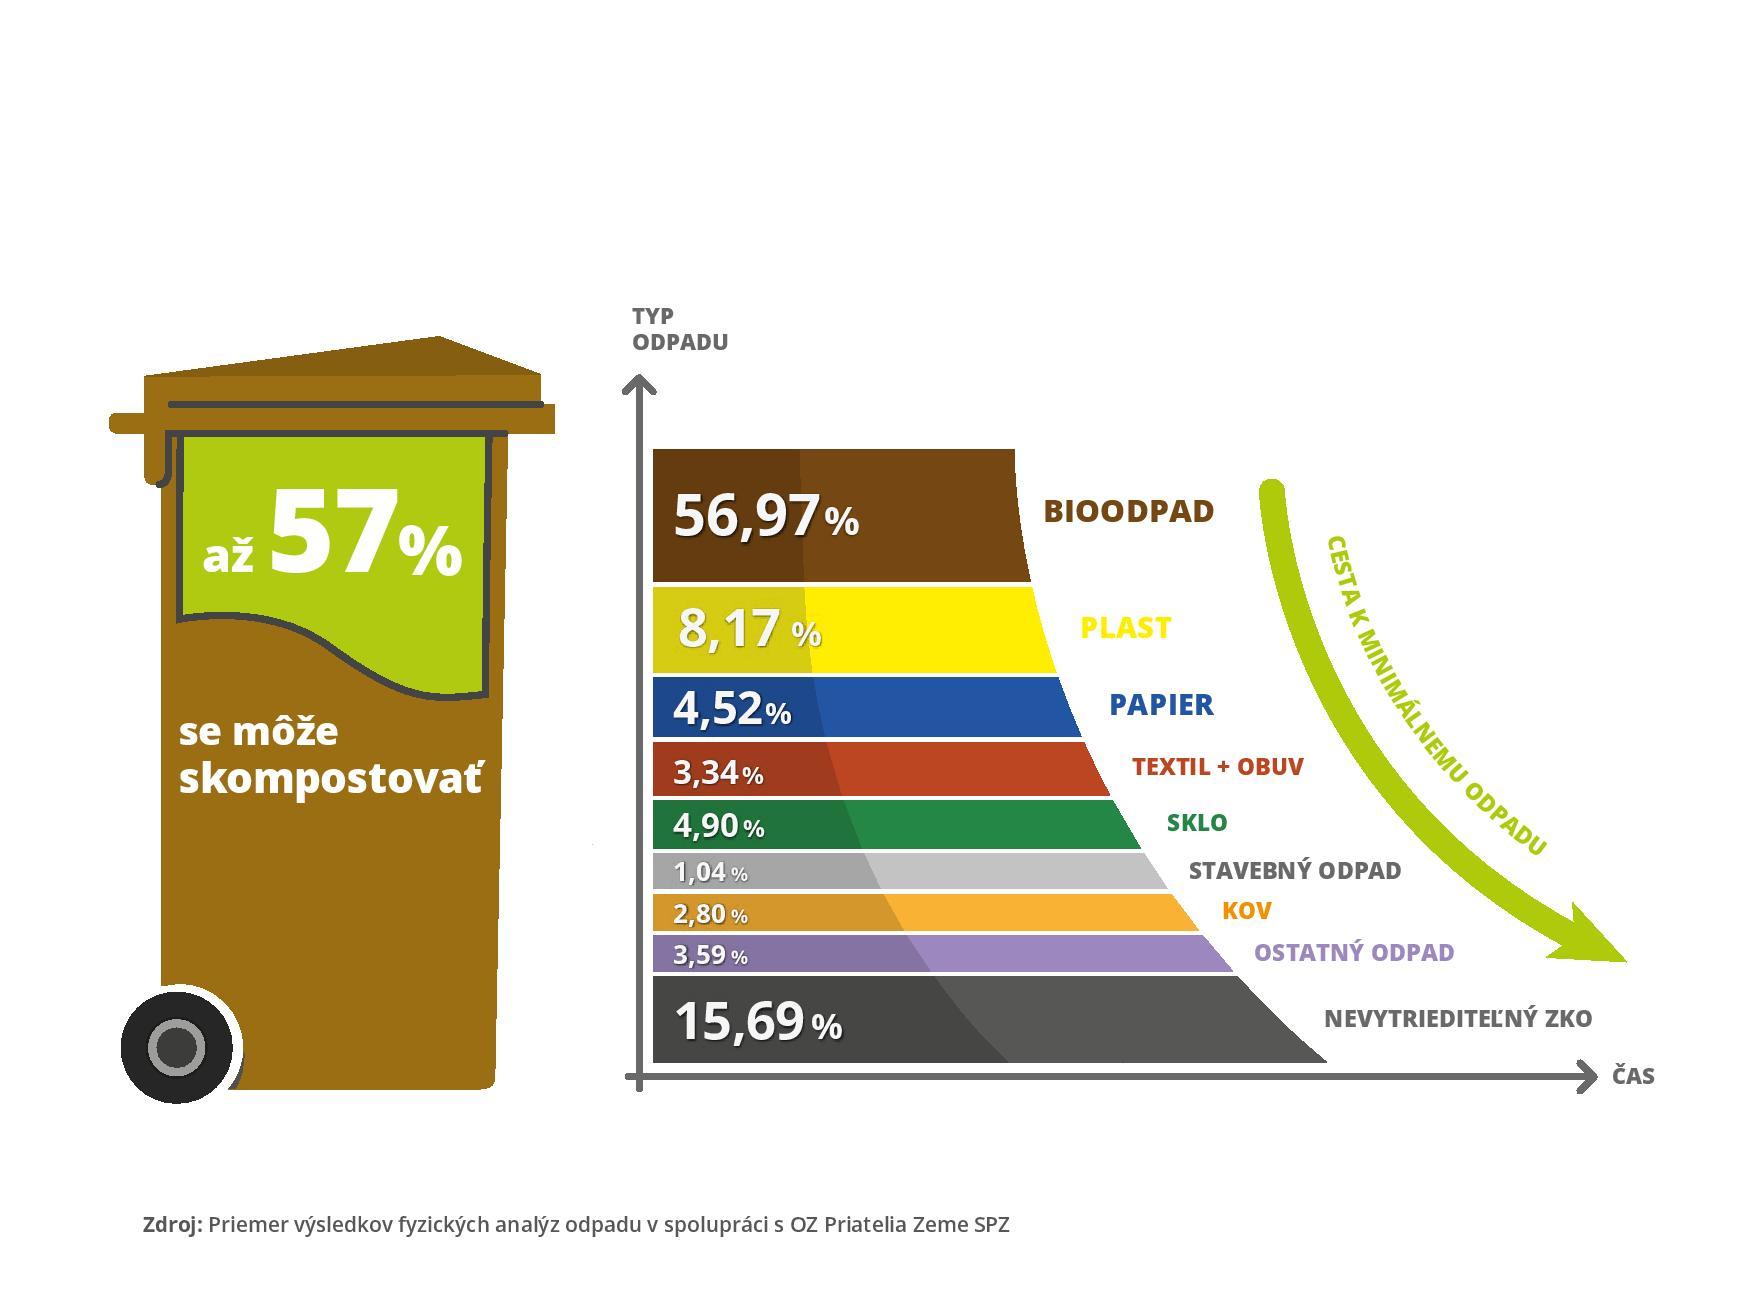 analýza odpadu, koľko odpadu sa dá vytriediť, kompost, bioodpad